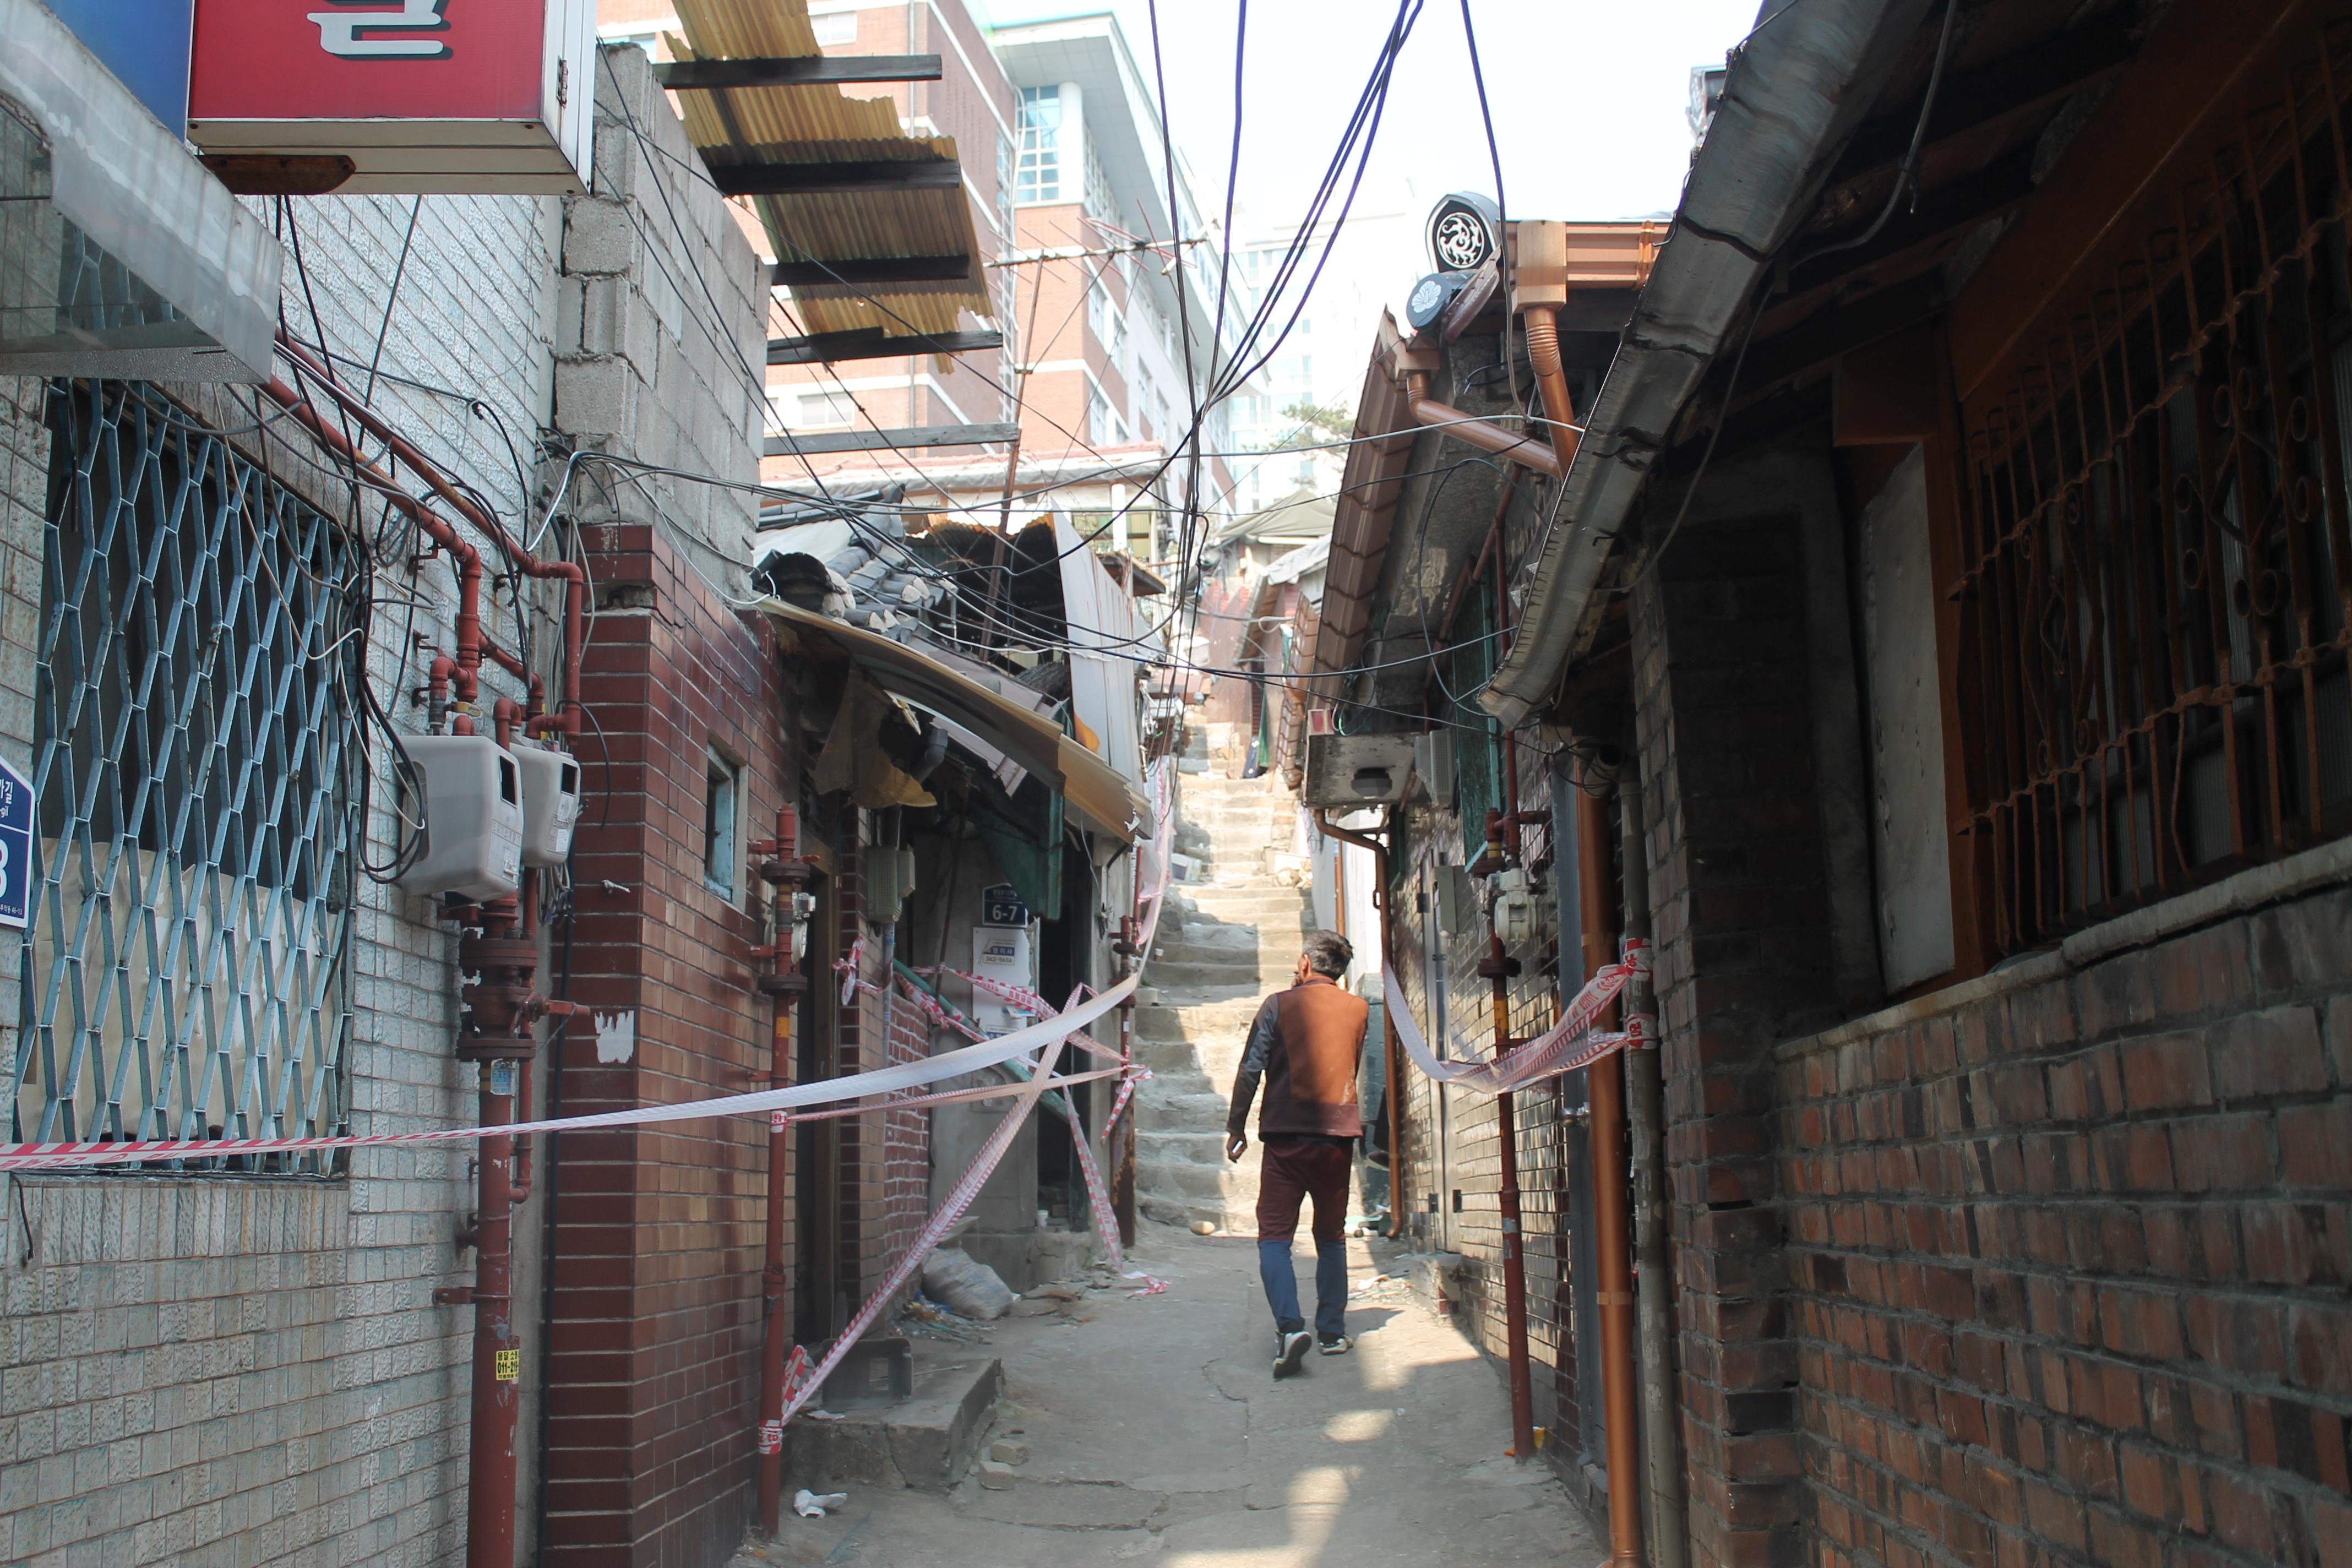 철거작업이 중단된 옥바라지골목. 서울시는 이 골목을 없애지 않고 보존할 방안을 모색하고 있다.